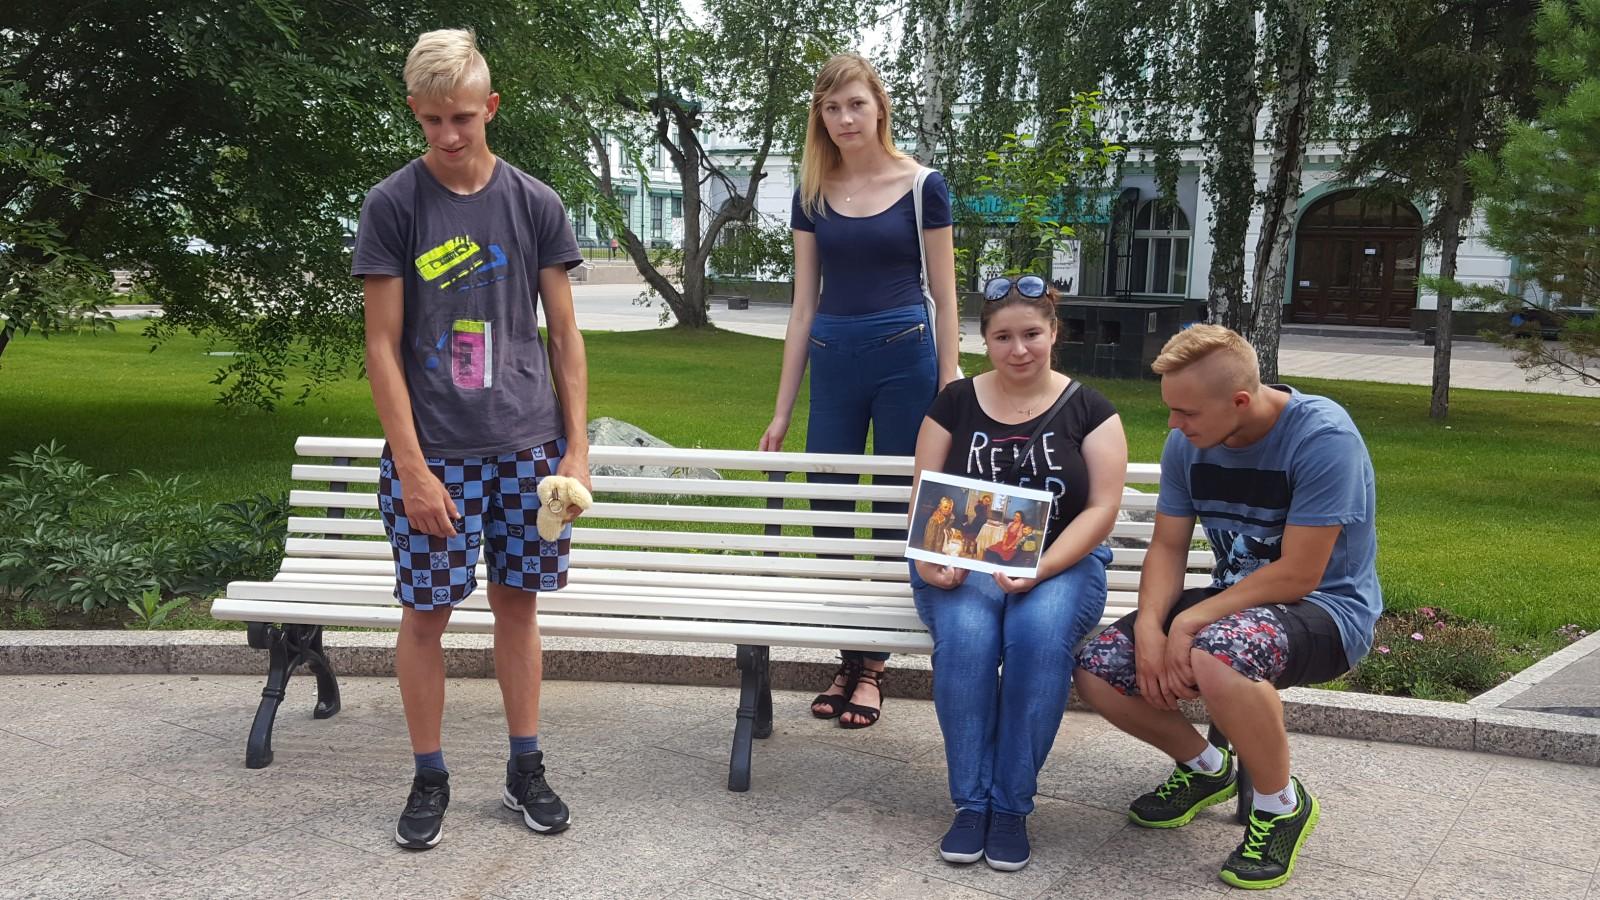 PL_RU_wymiana_mlodziezy_projekt10_011.jpg